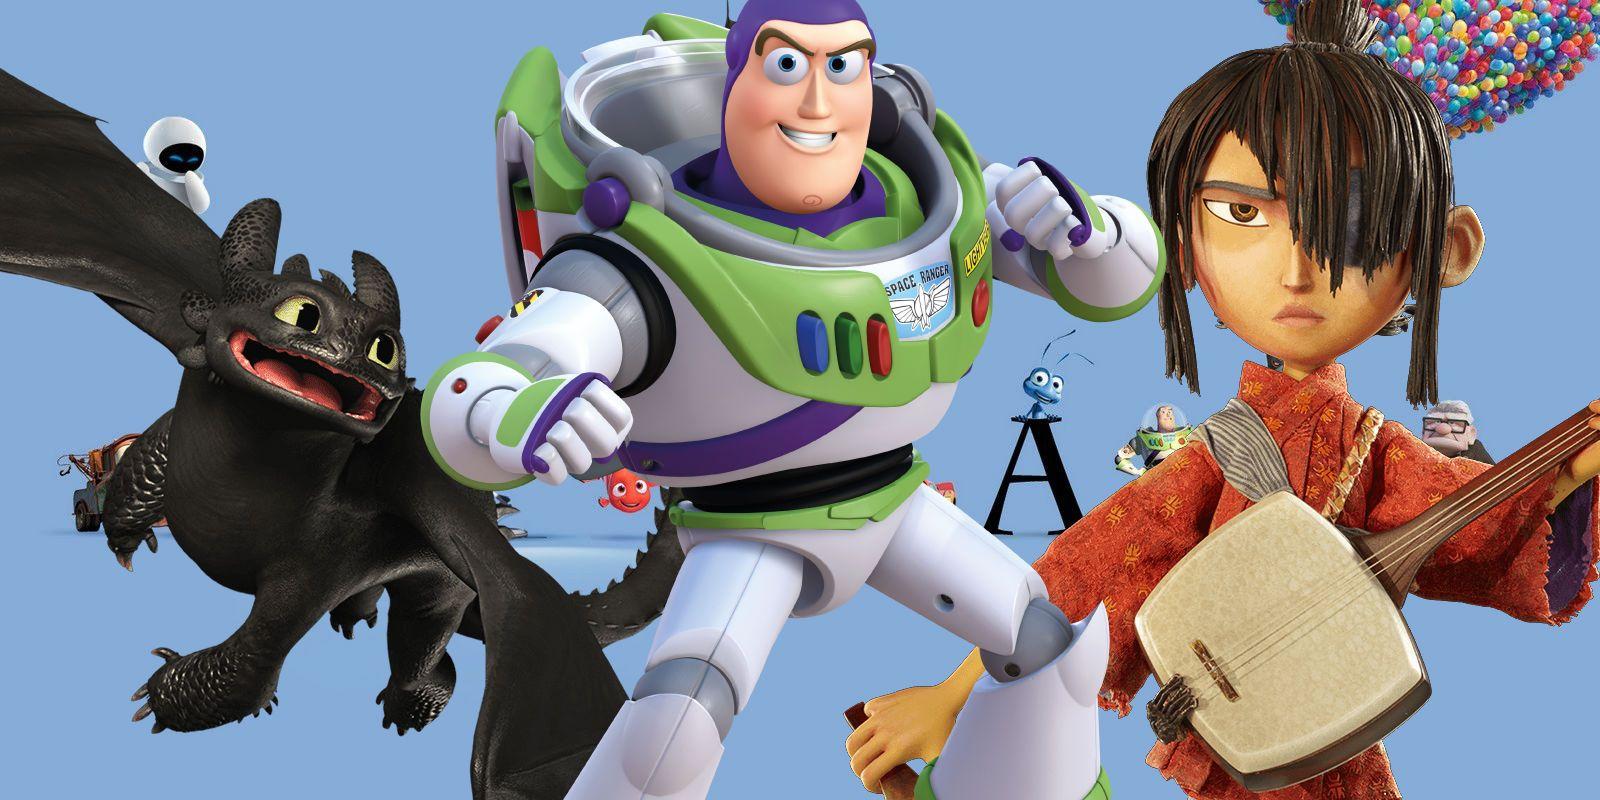 Disney Animated Movies 2010 To 2019